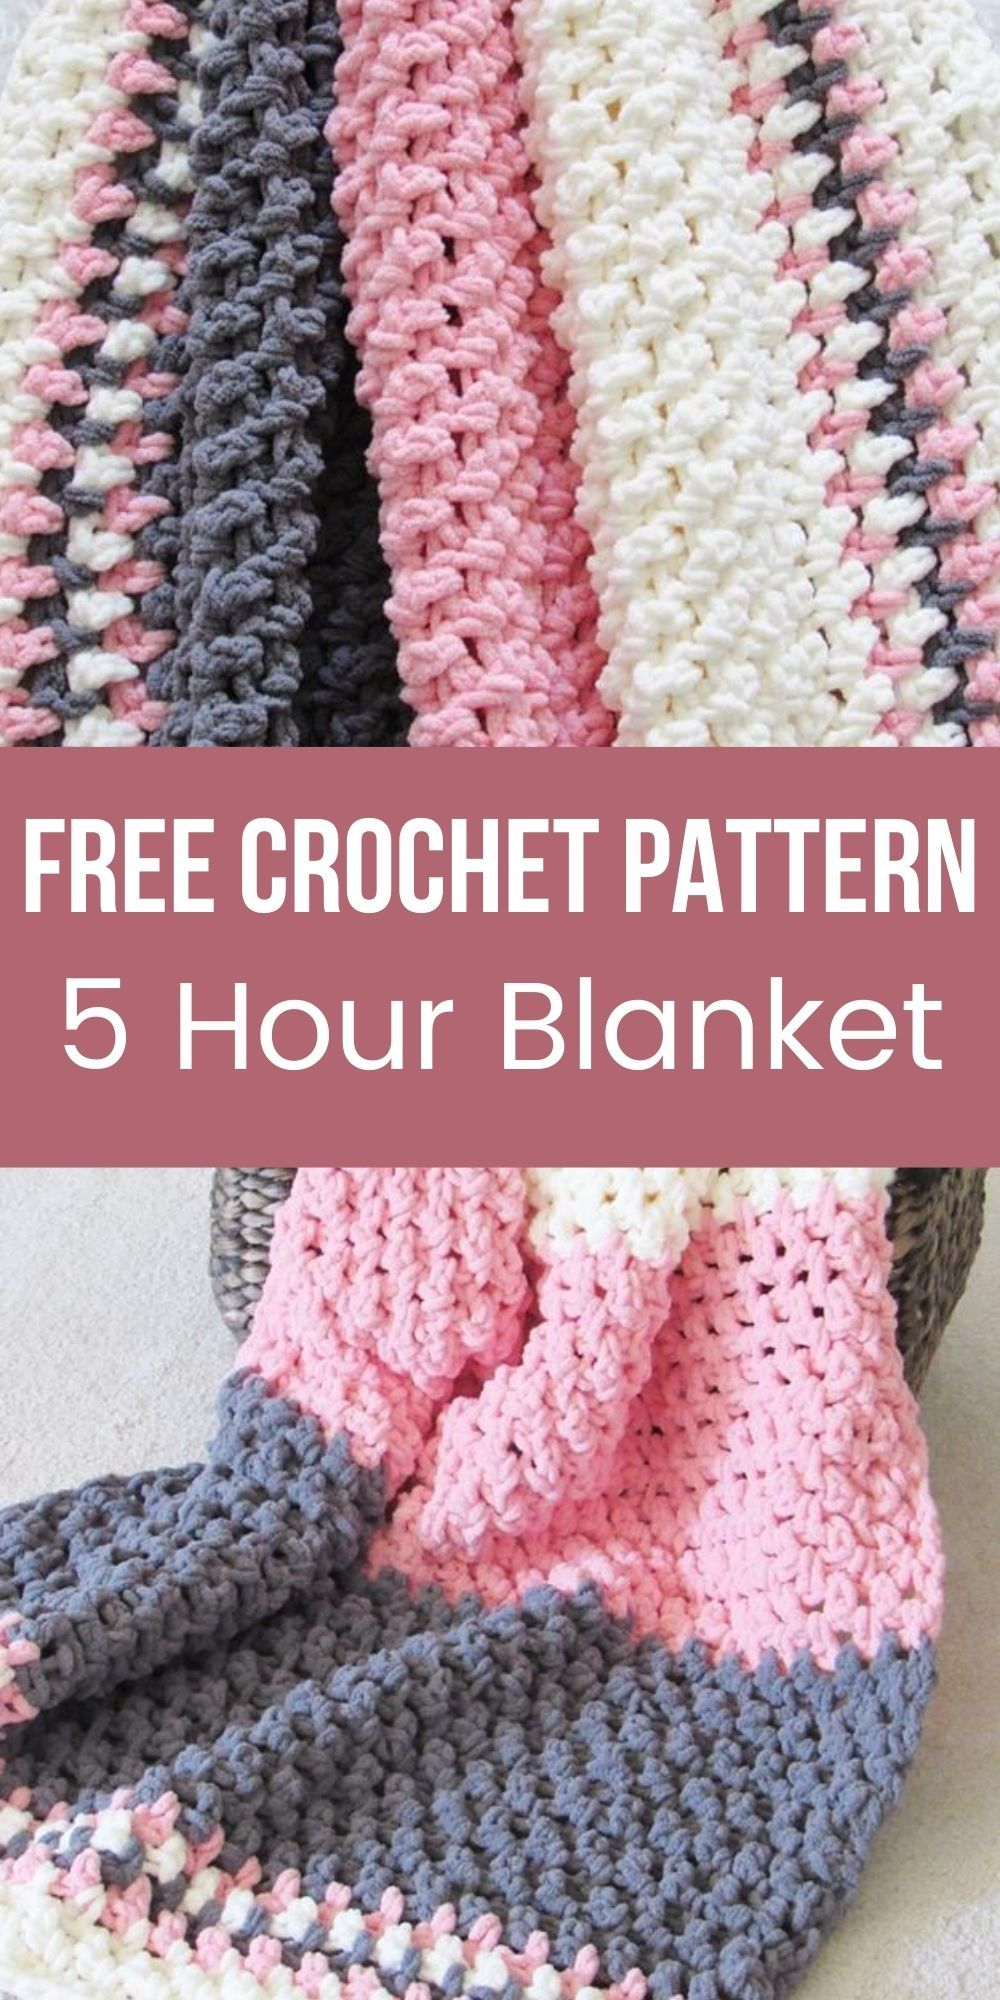 Free Crochet Baby Blanket Pattern - Crochet Dreamz